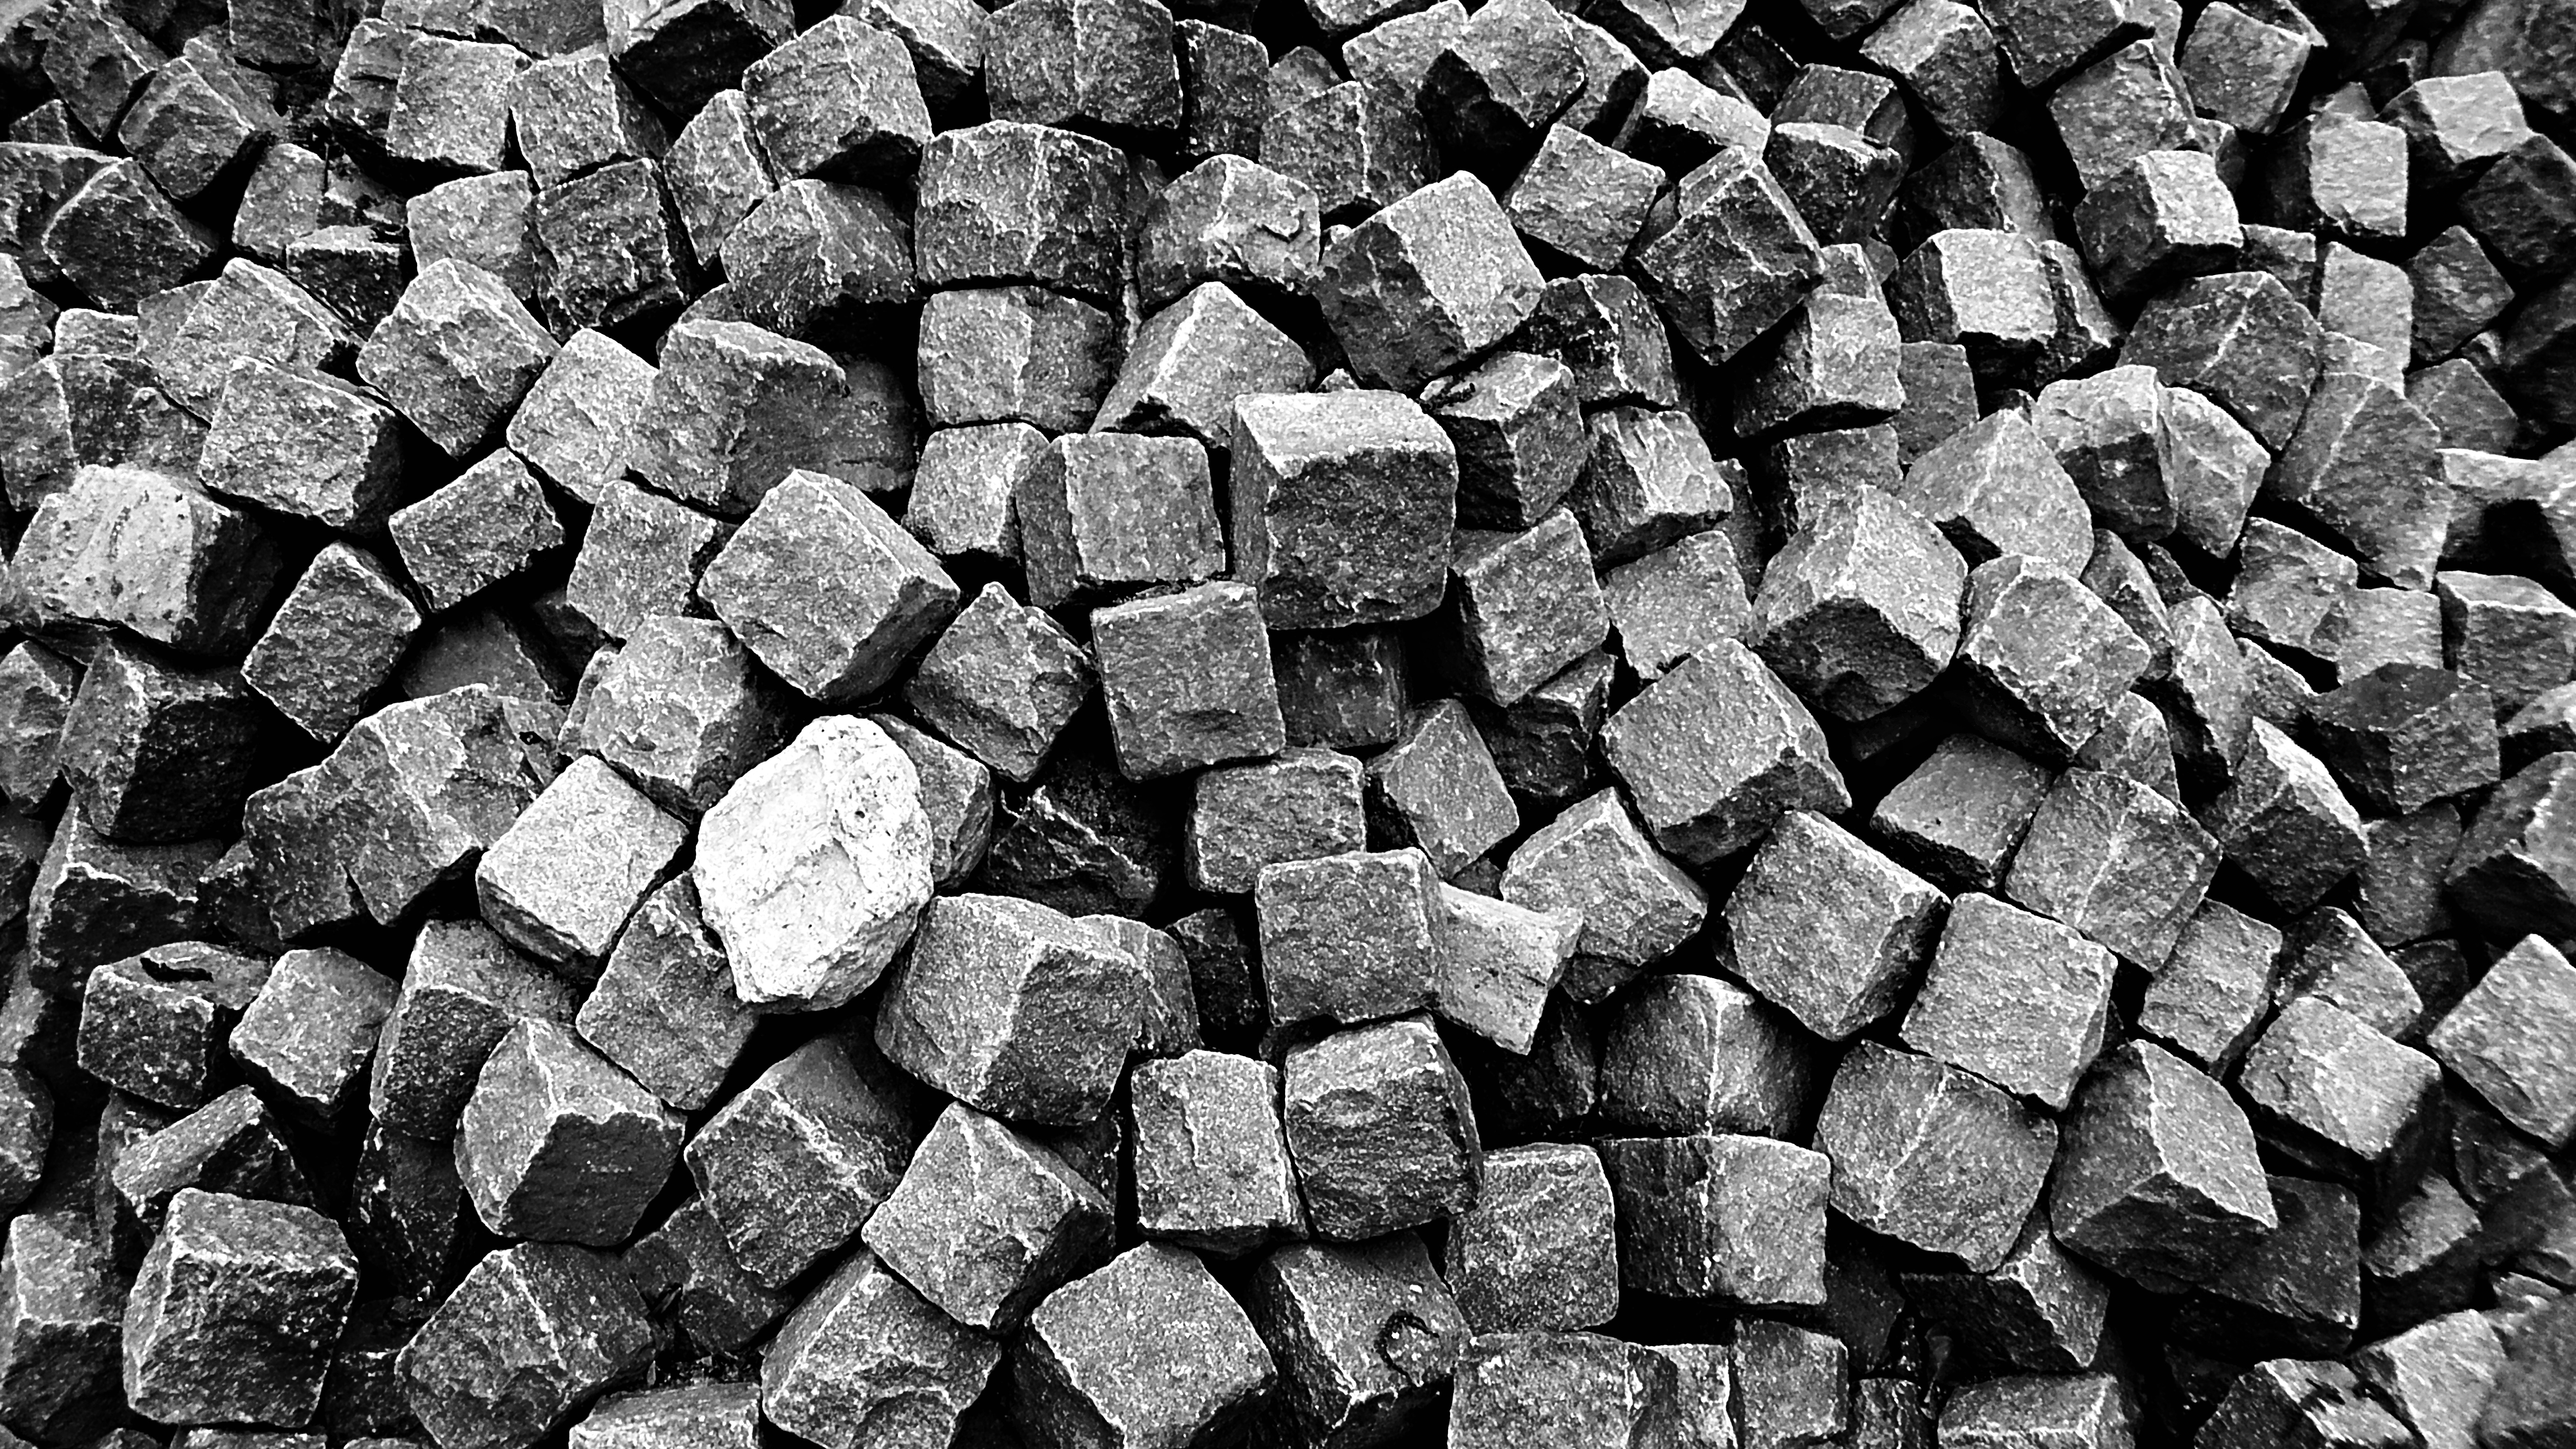 Cobblestone clipart rubble Wall Free rock and black